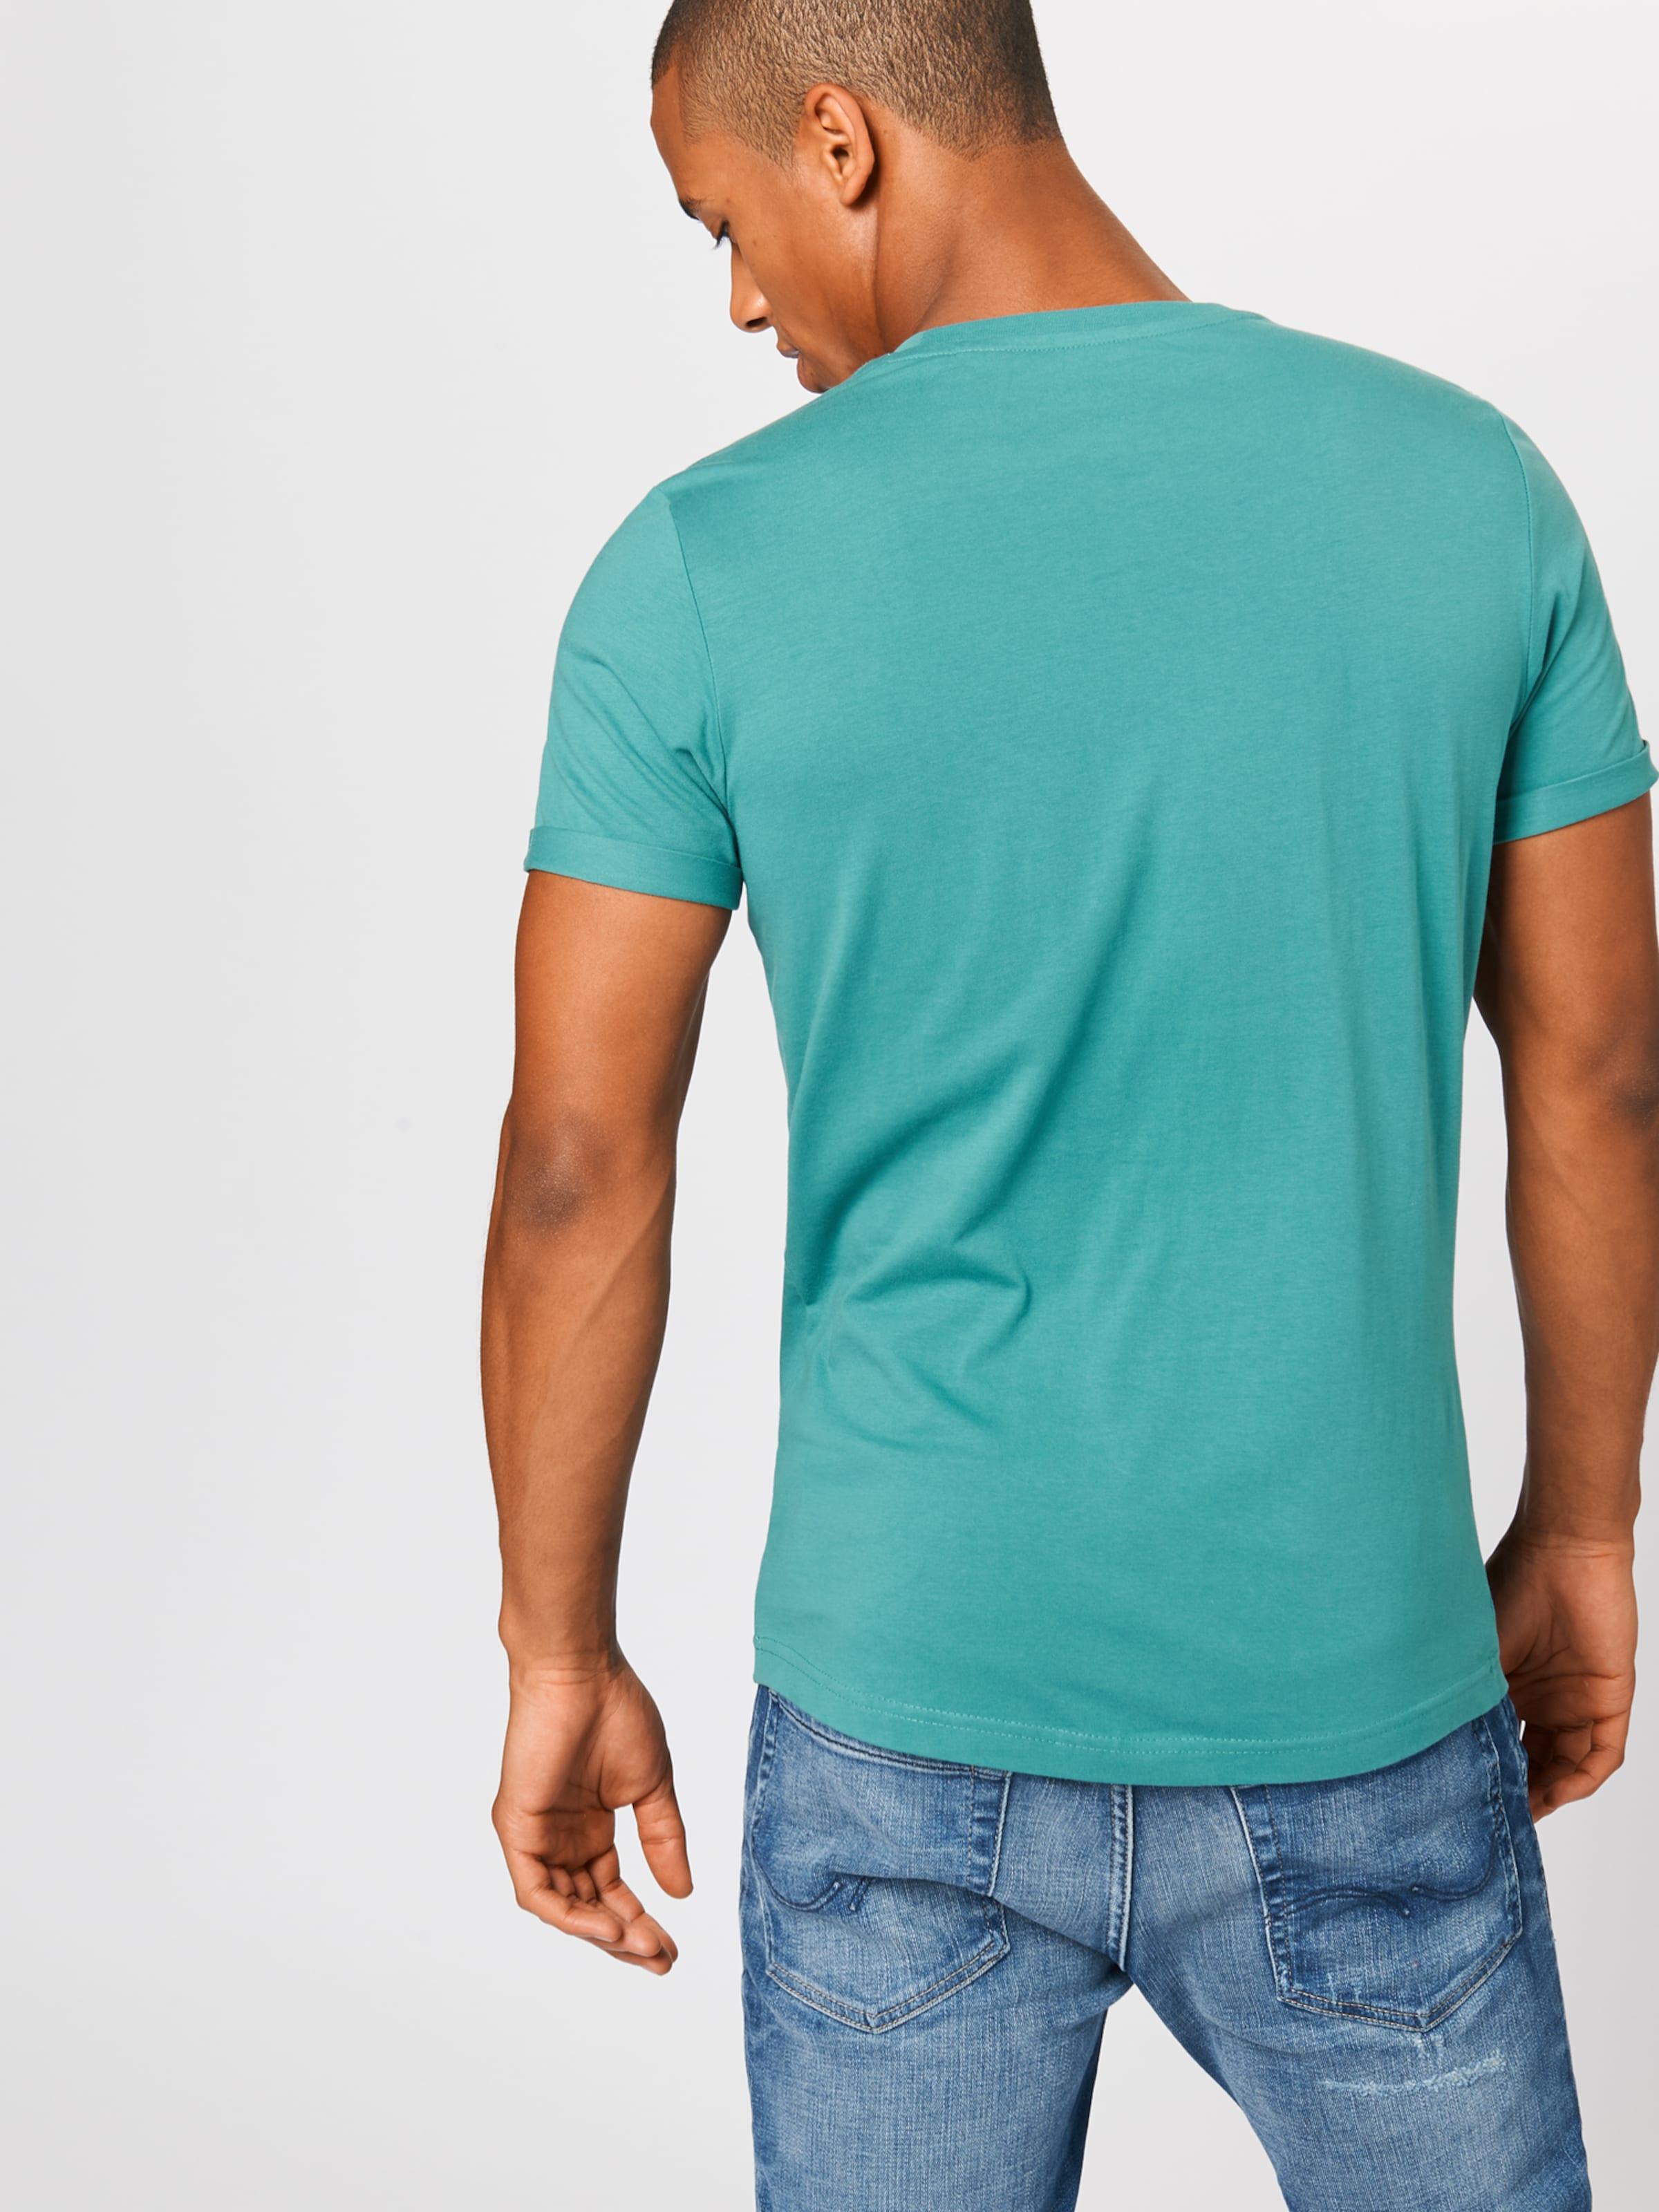 S In oliver oliver TürkisPastellgelb S Shirt L34AR5j